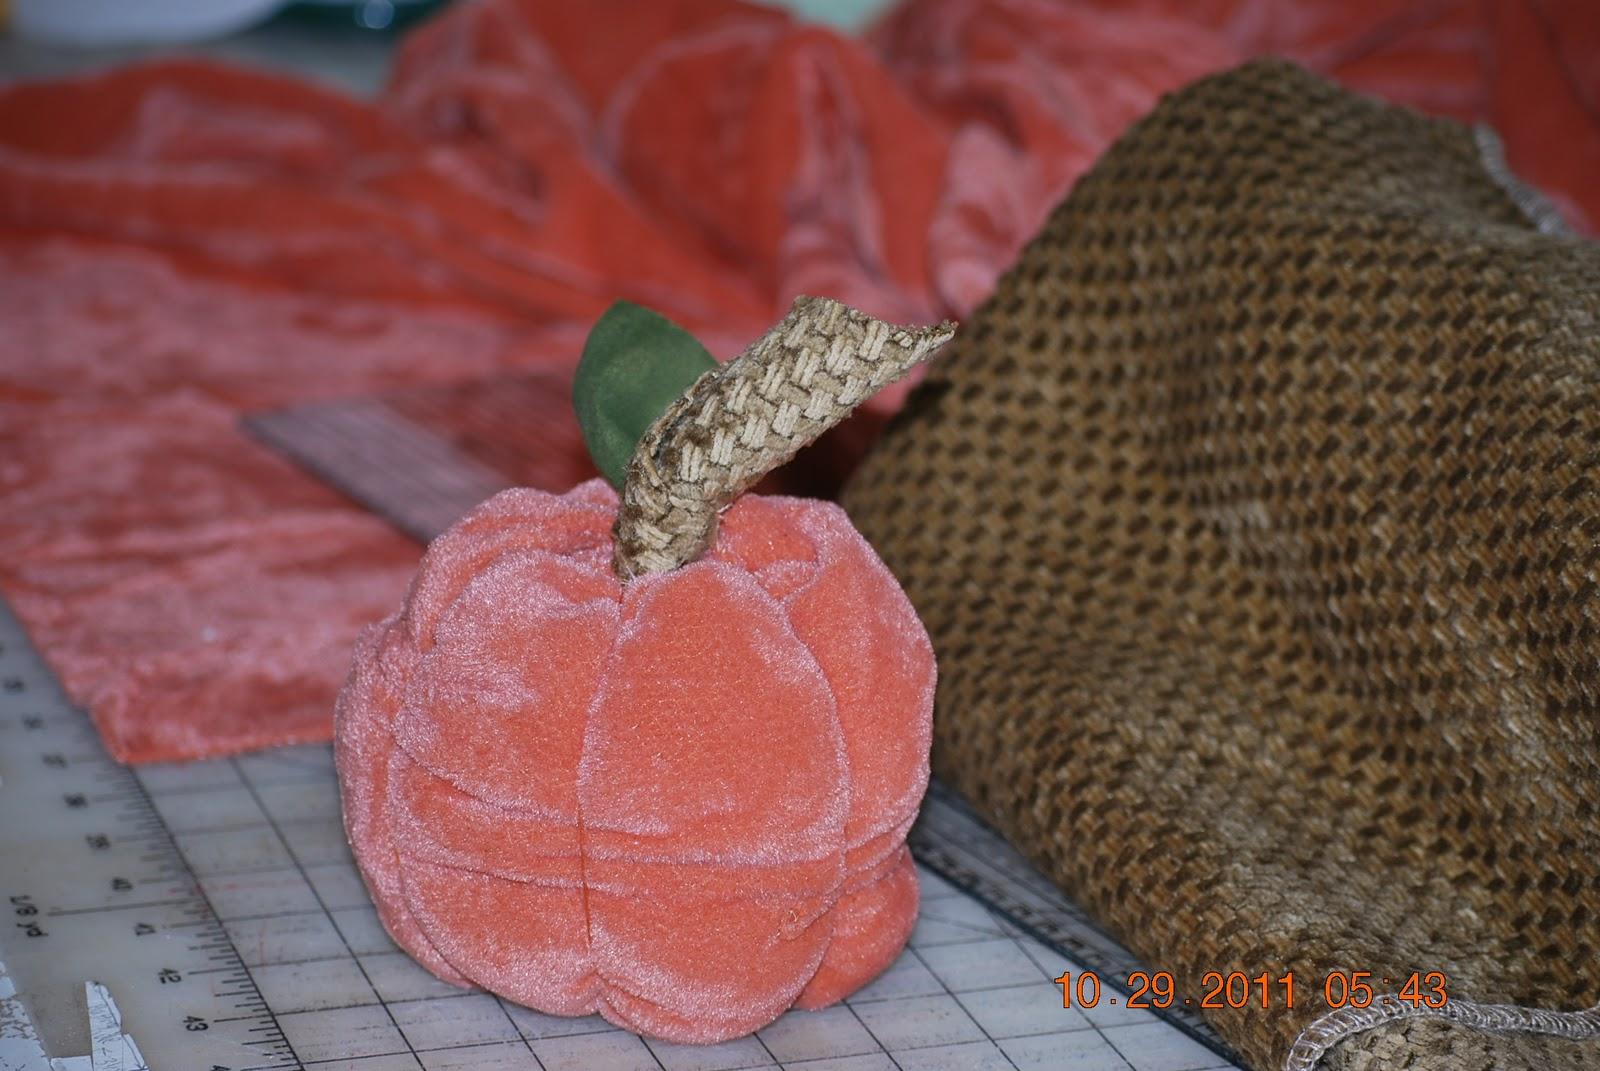 http://joysjotsshots.blogspot.com/2011/10/punkin-time.html